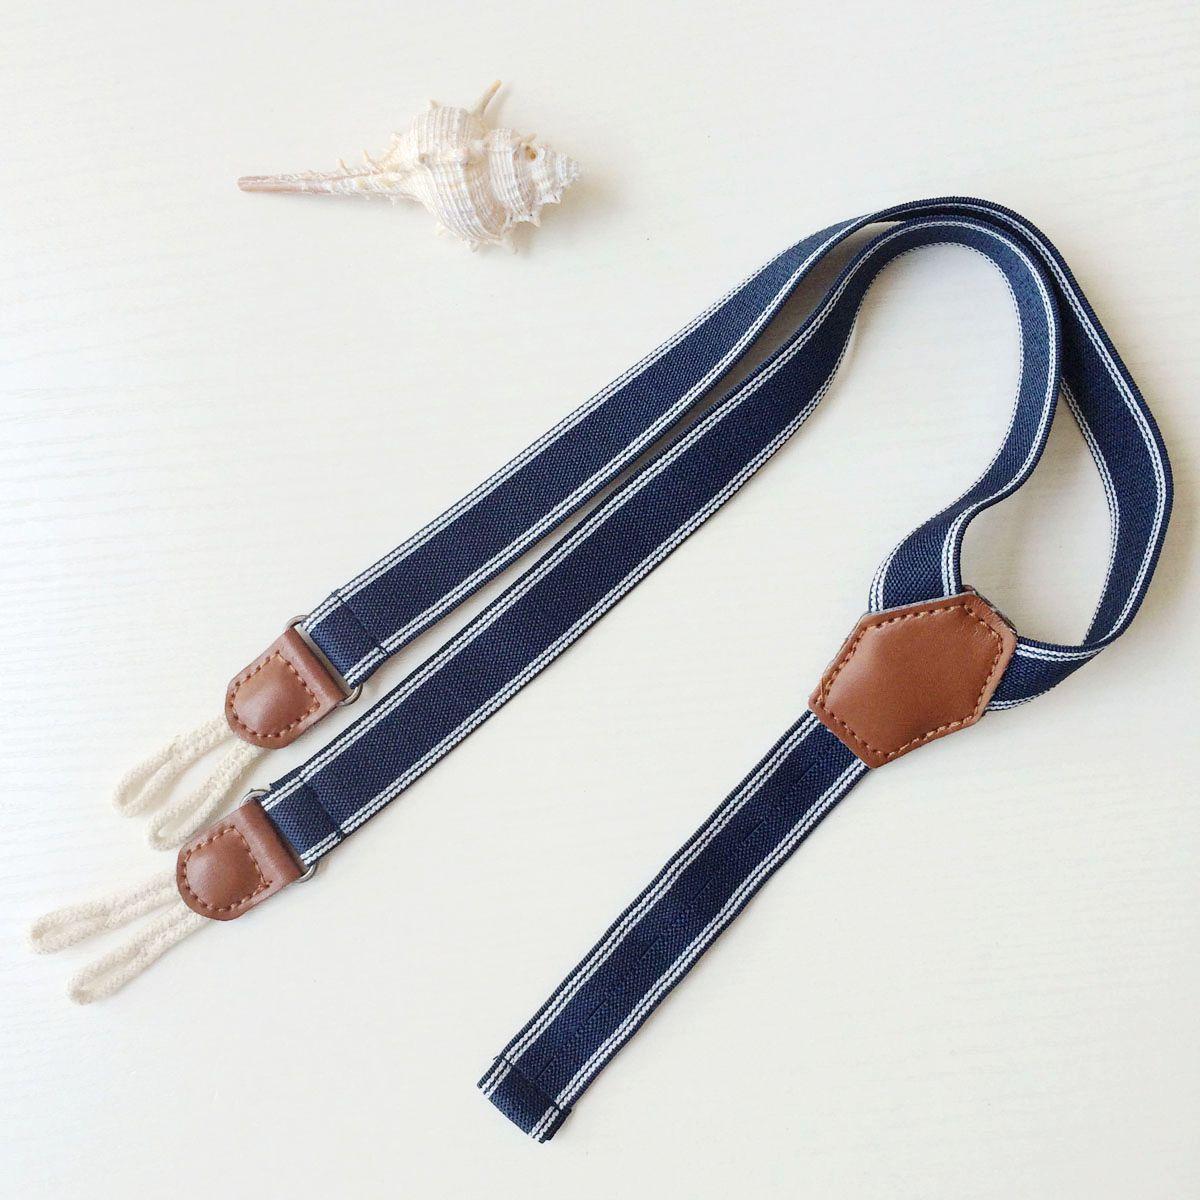 Gut Dkblings Kind Elastische Hosenträger Baby Gürtel Streifen Hosenträger Taste Elastische Hosenträger Plough Mit 5 Tasten